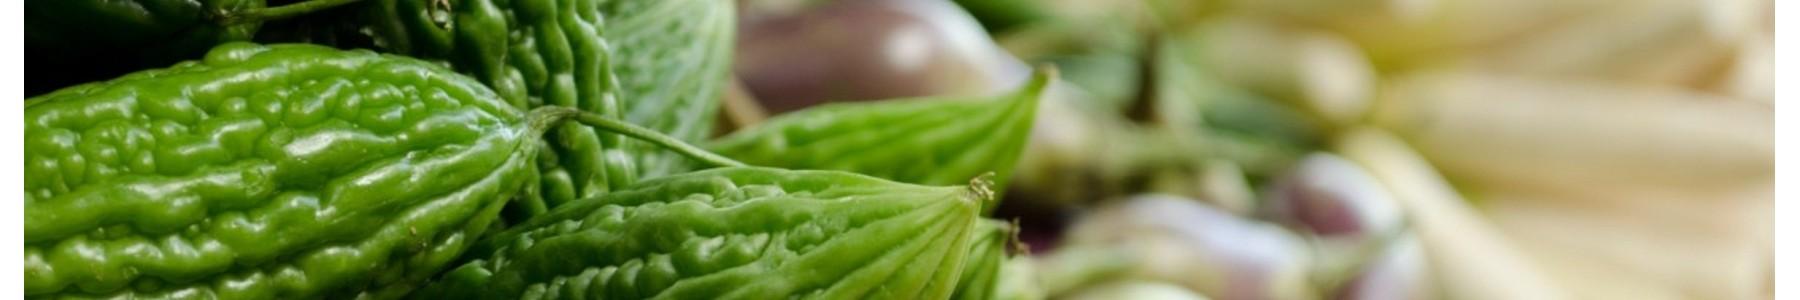 verse producten groenten fruit tofu